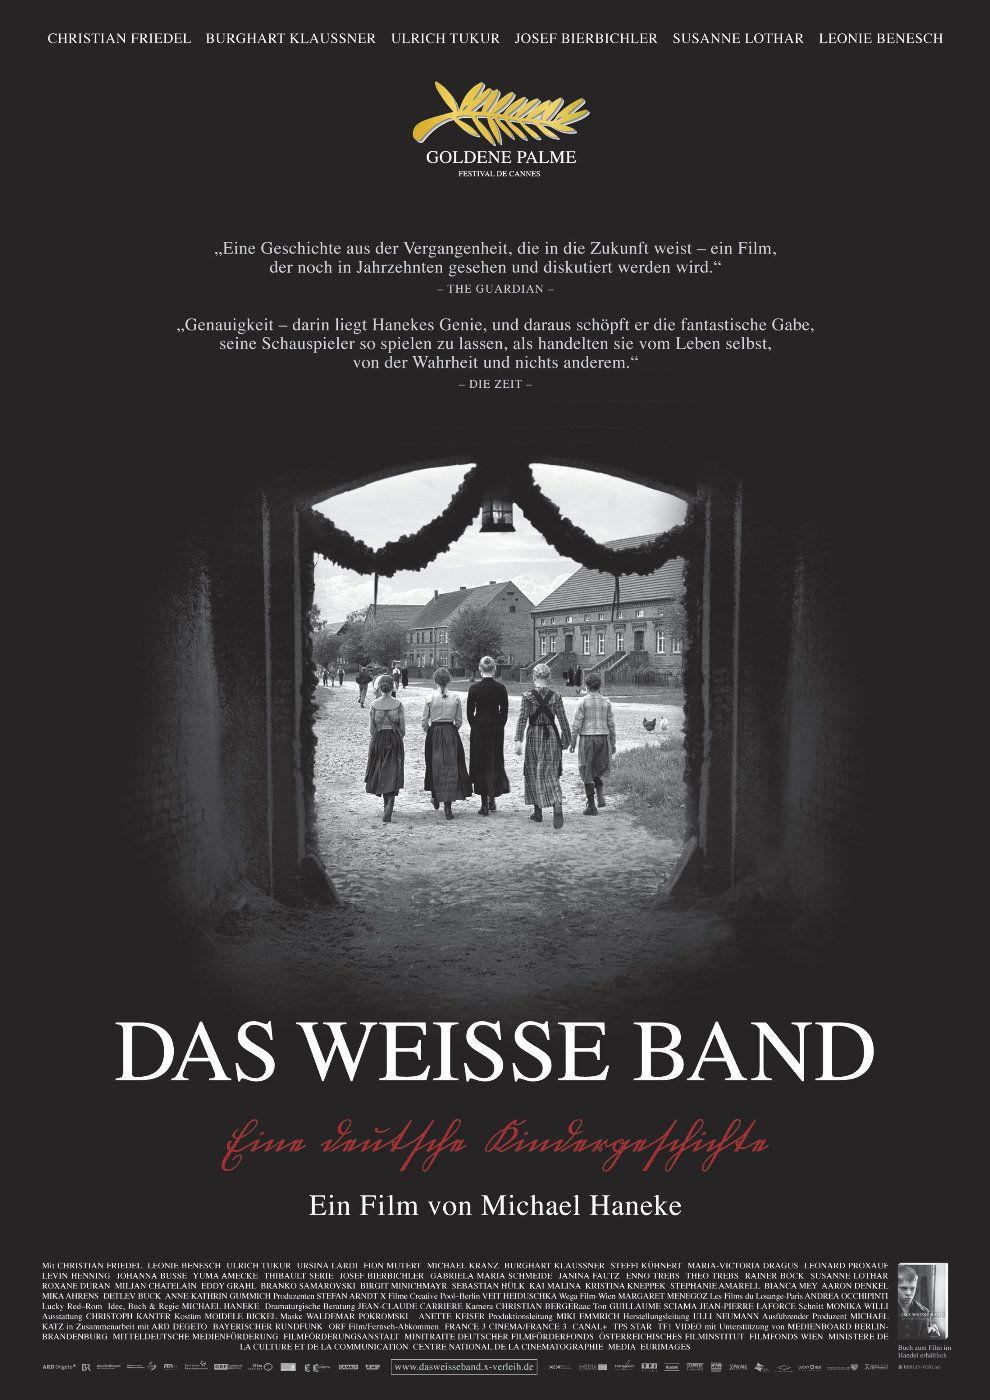 Das Weiße Band Trailer